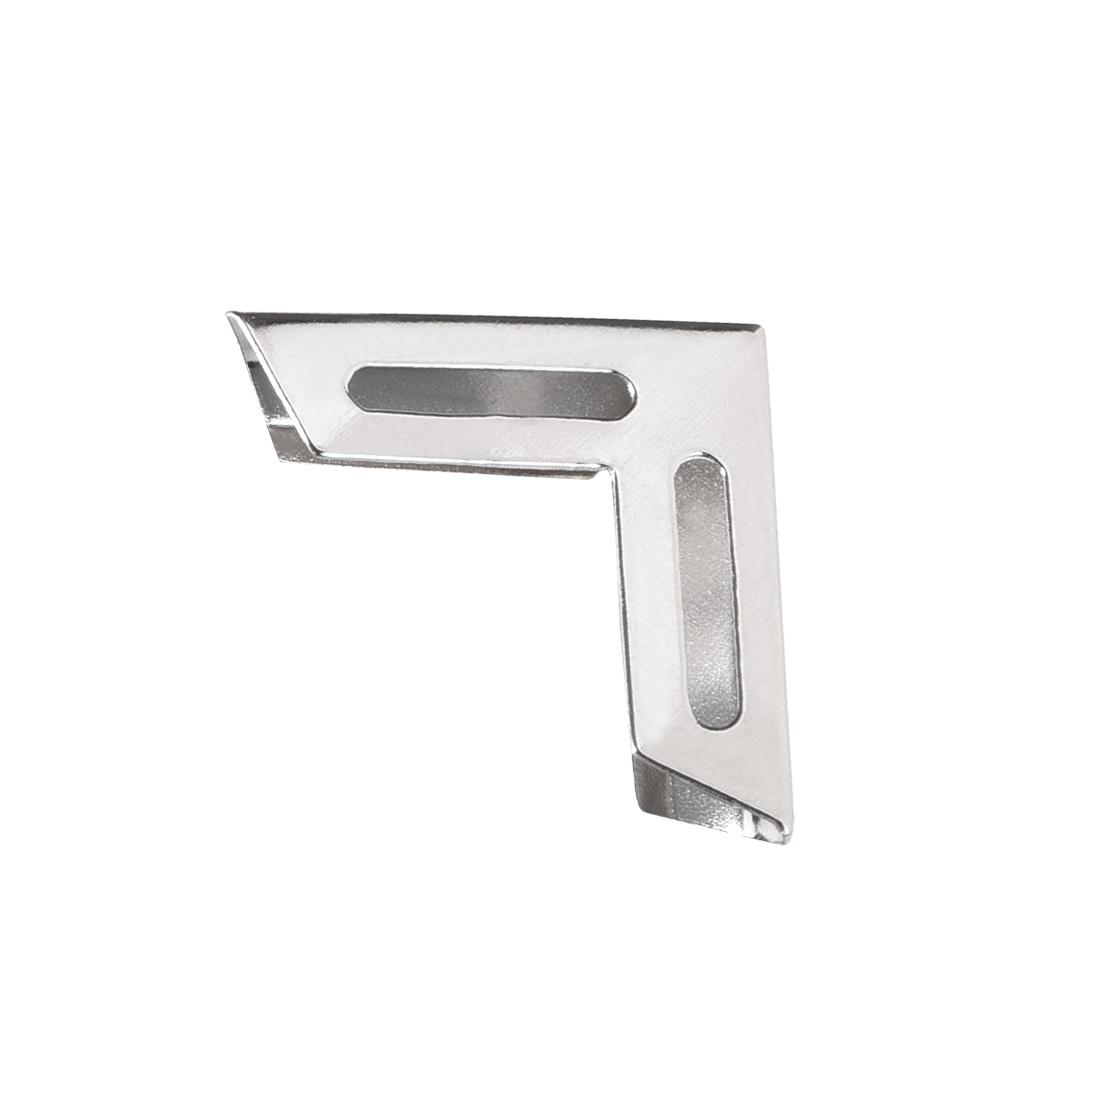 Metal Book Corner Protectors Edge Cover Guard 18 x 18 x 5mm Silver Tone 100pcs